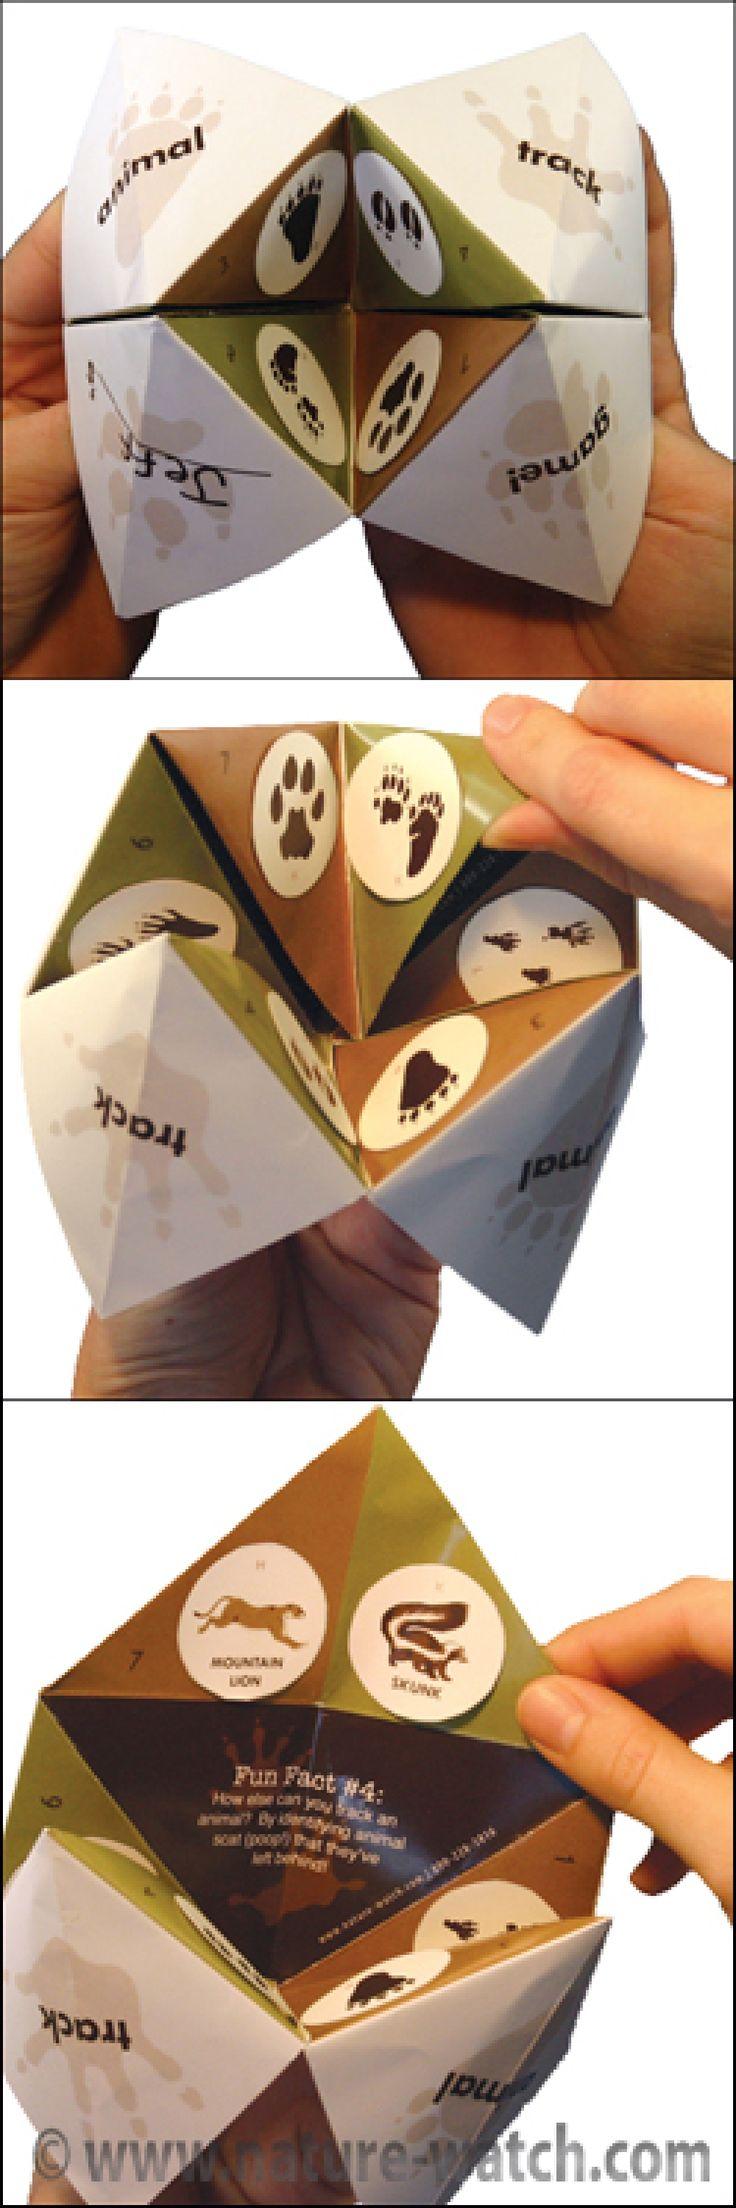 Animal Tracking Game Craft Kit for Kids